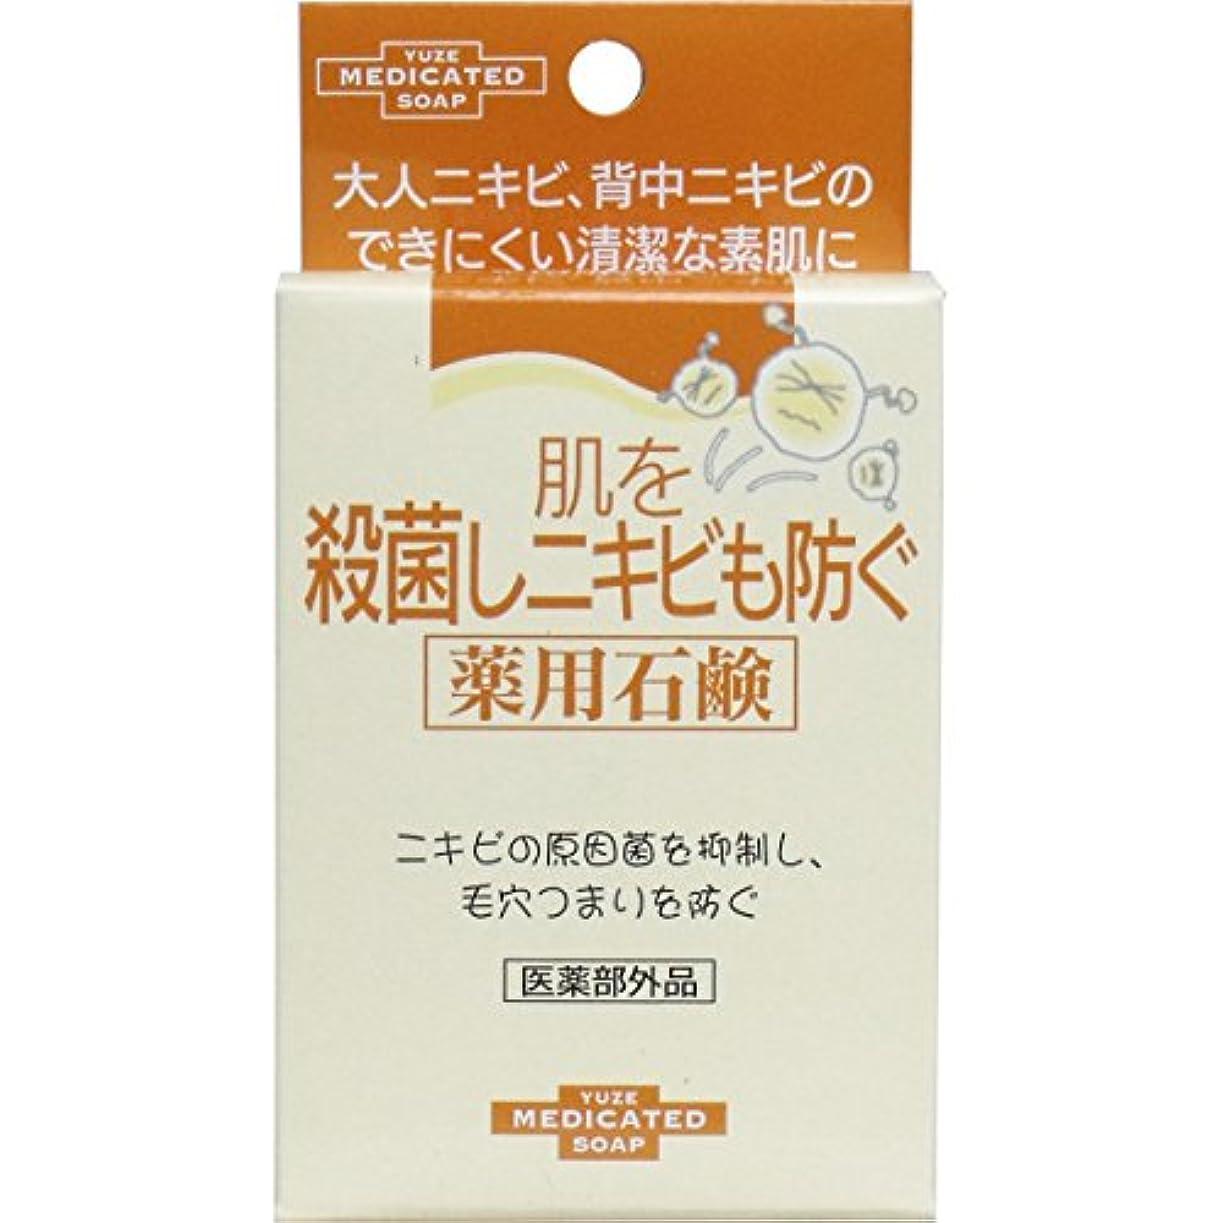 加害者取り戻すテラスユゼ 肌を殺菌しニキビも防ぐ薬用石鹸 6セット